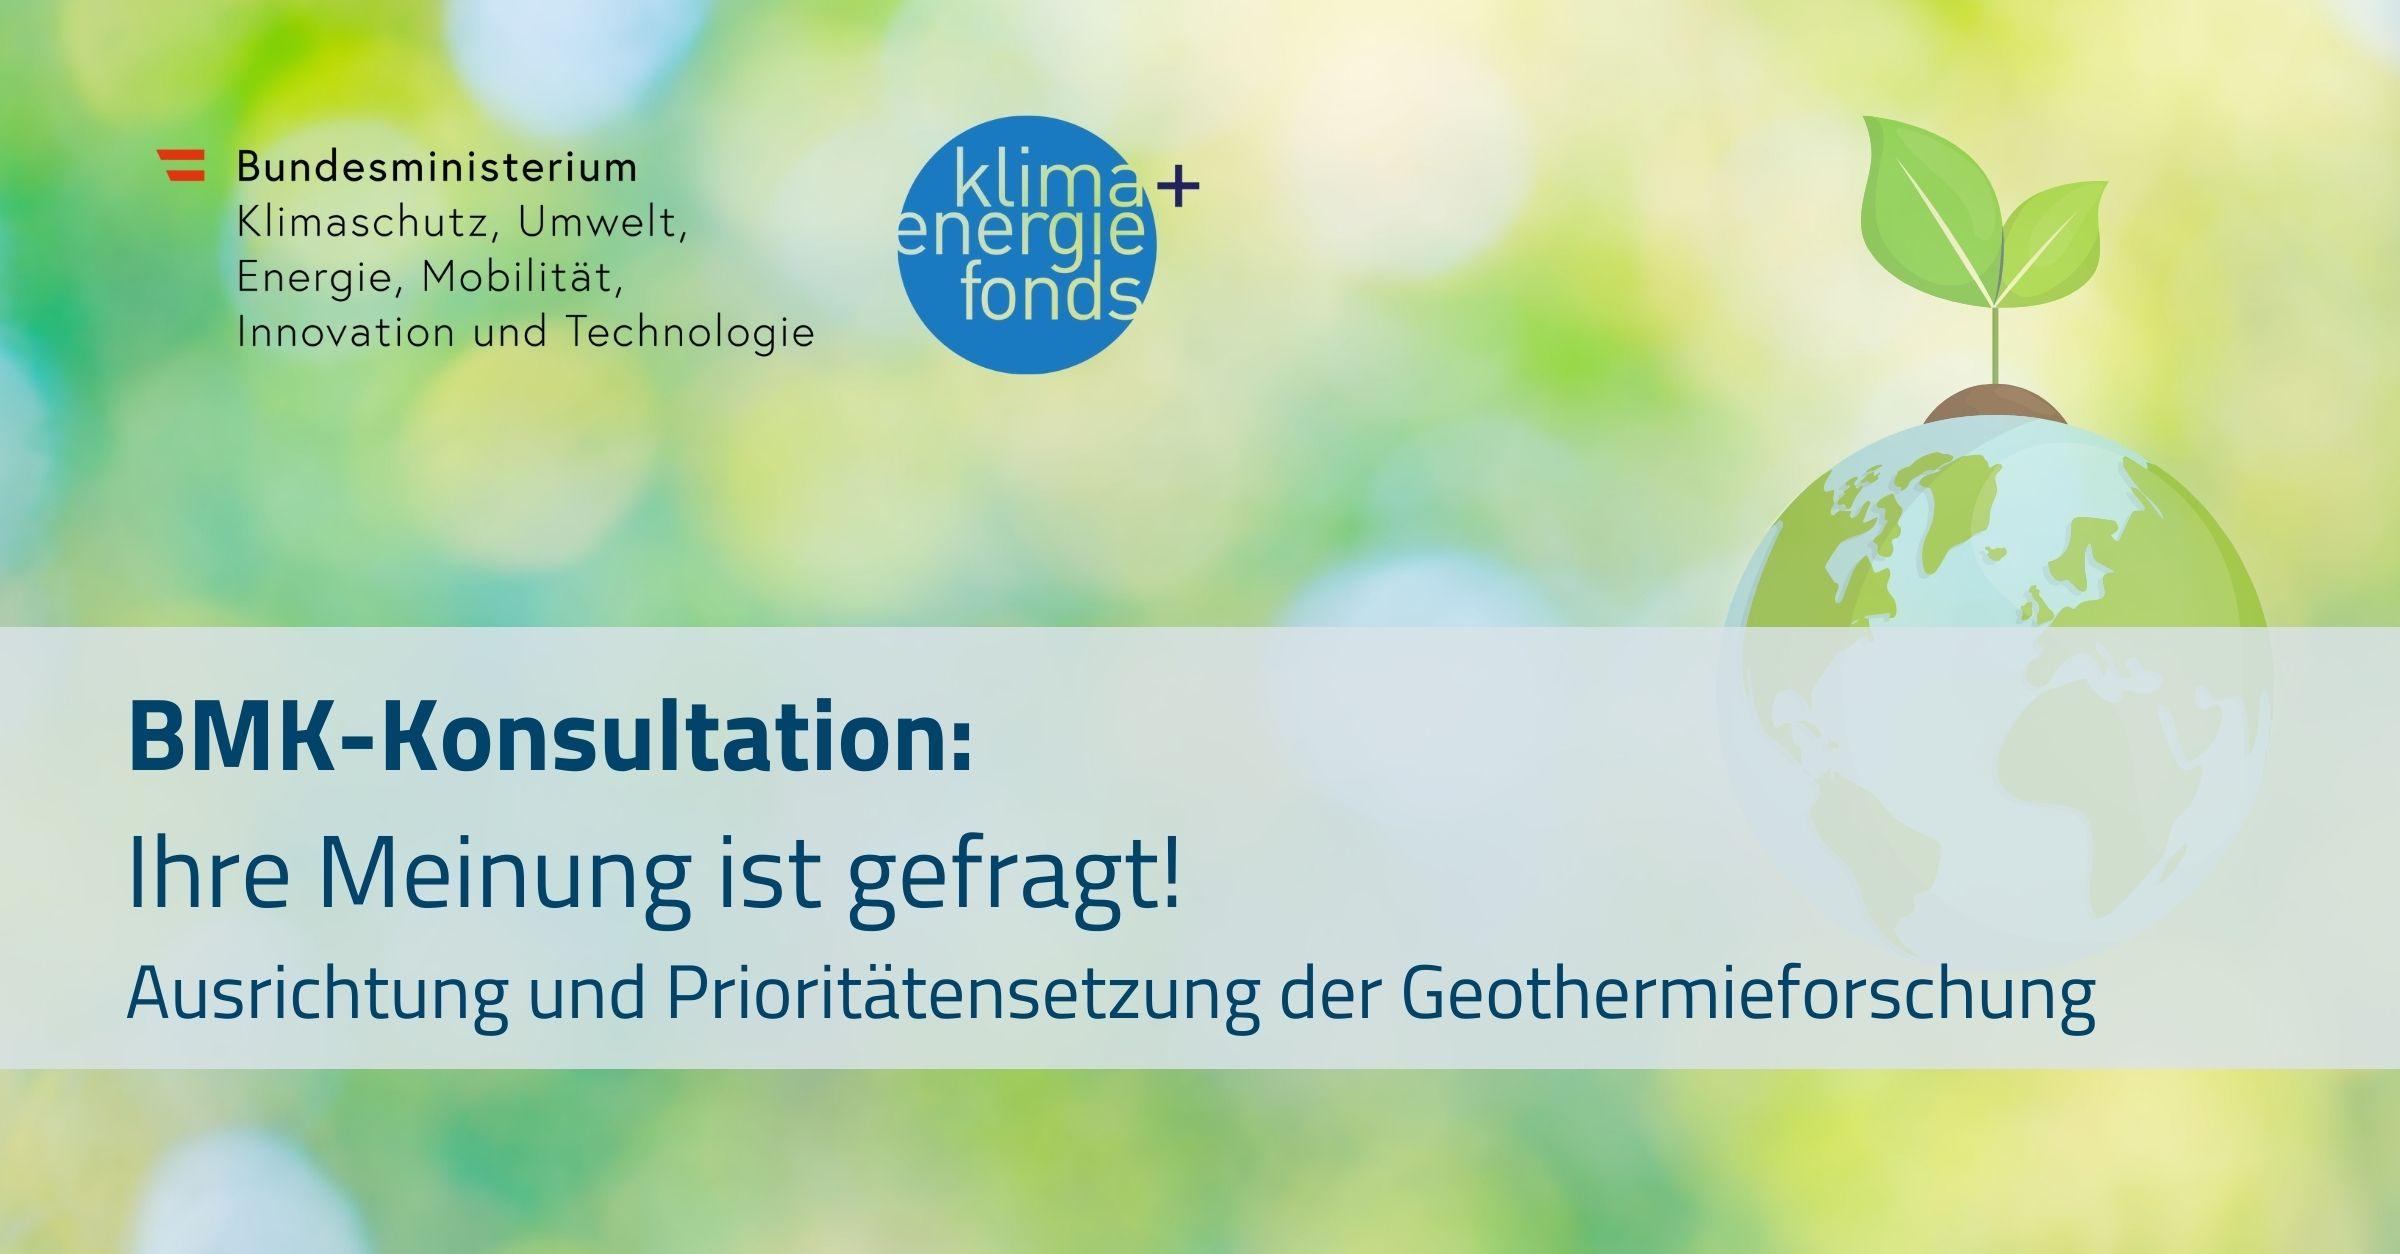 BMK-Konsultation: Ihre Meinung ist gefragt! Ausrichtung und Prioritätensetzung der Geothermieforschung